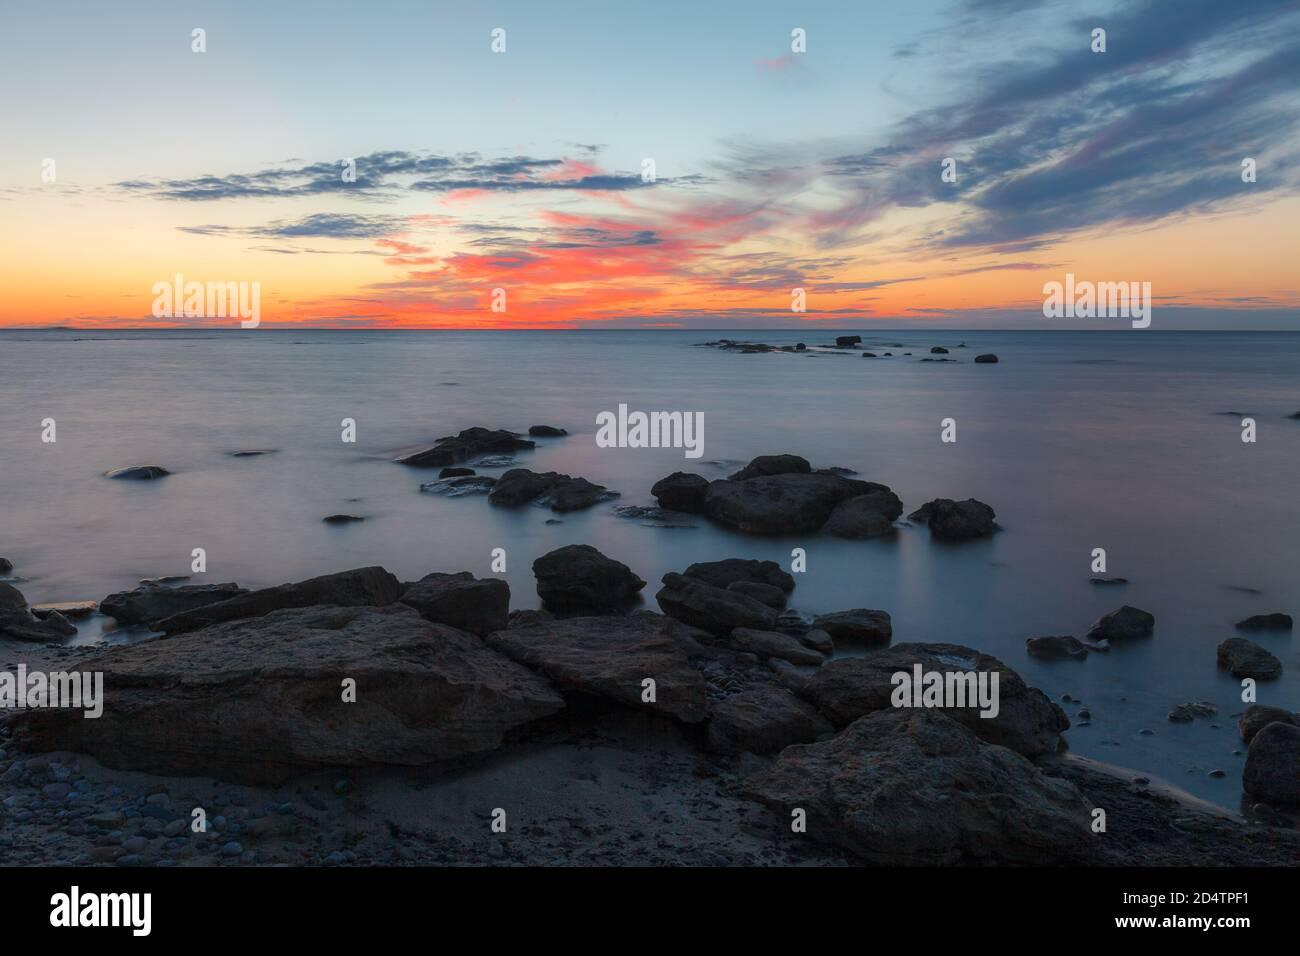 Puesta de sol al atardecer sobre la costa rocosa del mar Báltico. Cielo casi despejado y correa naranja a lo largo del horison. Estonia. Foto de stock